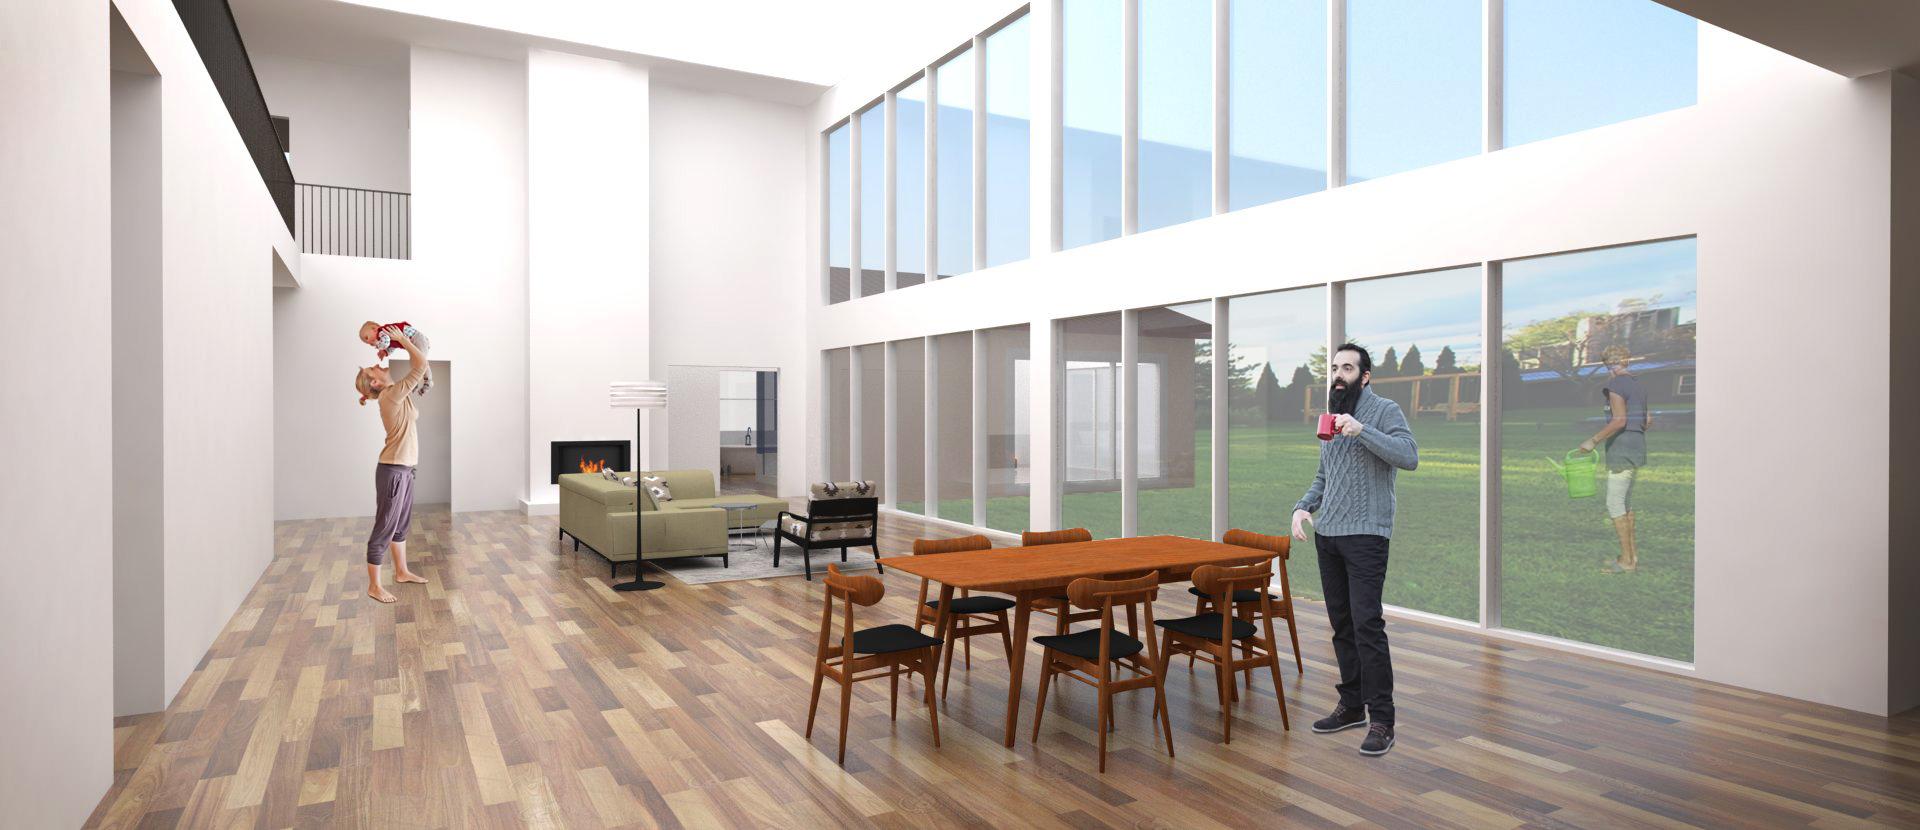 interior 01 - great room- web.jpg